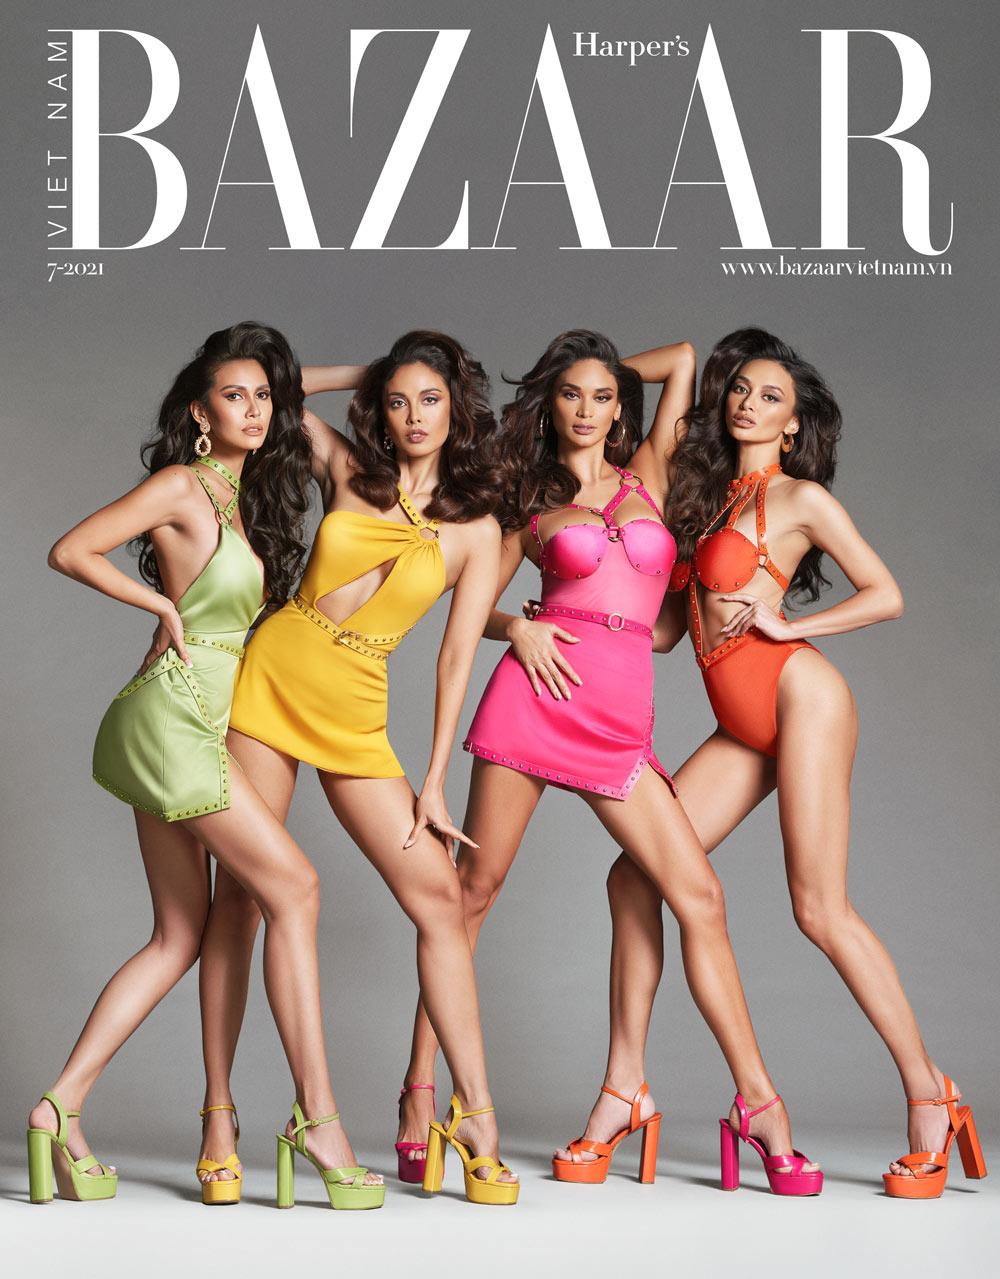 4 nữ hoàng sắc đẹp Philippines chia sẻ kinh nghiệm phát triển sự nghiệp hậu đăng quang hoa hậu